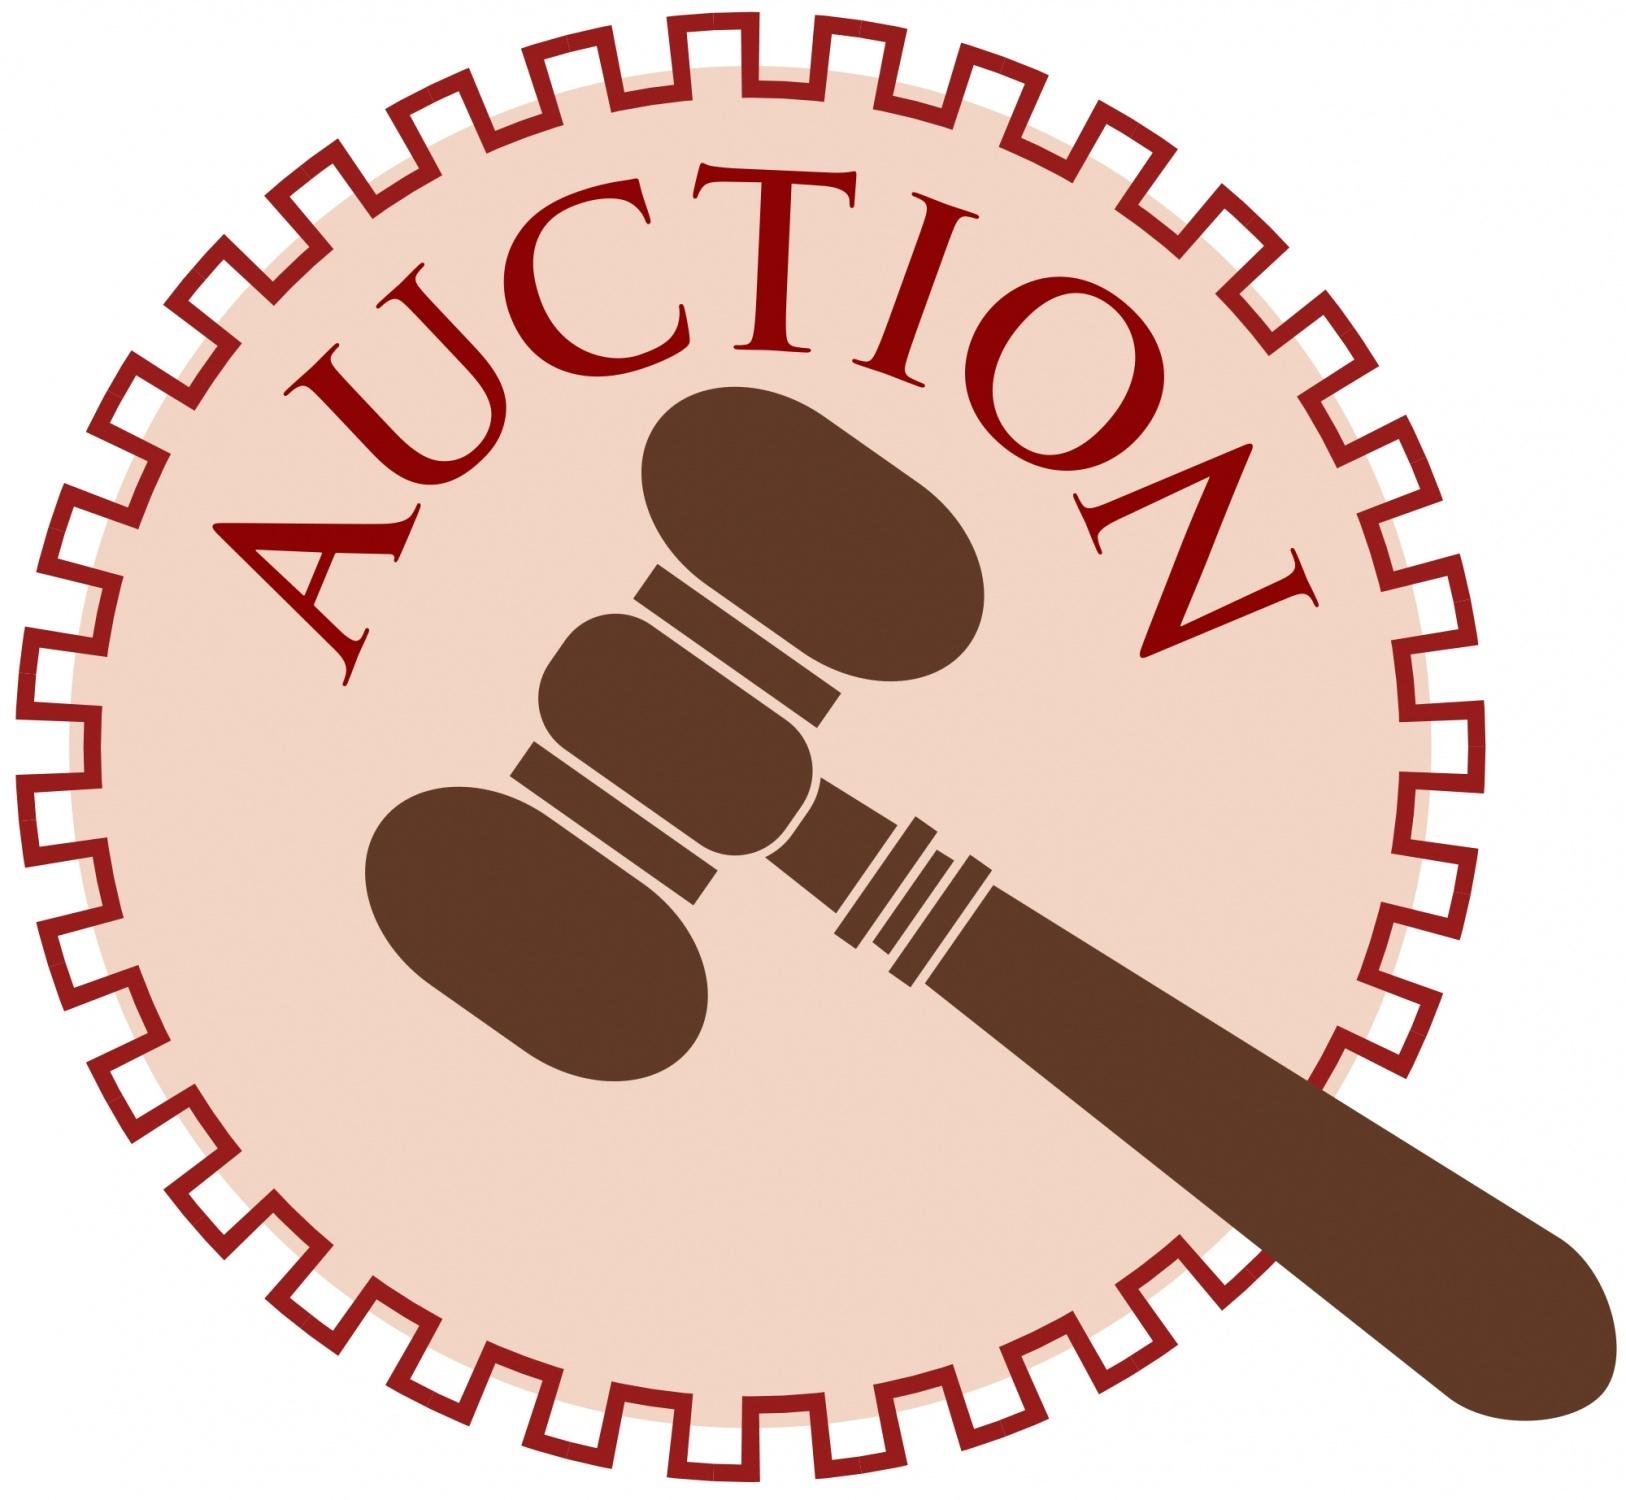 auction clipart - 16 - p - Auction Clipa-auction clipart - 16 - p - Auction Clipart Free Download Clip Art Free Clip  Art-5